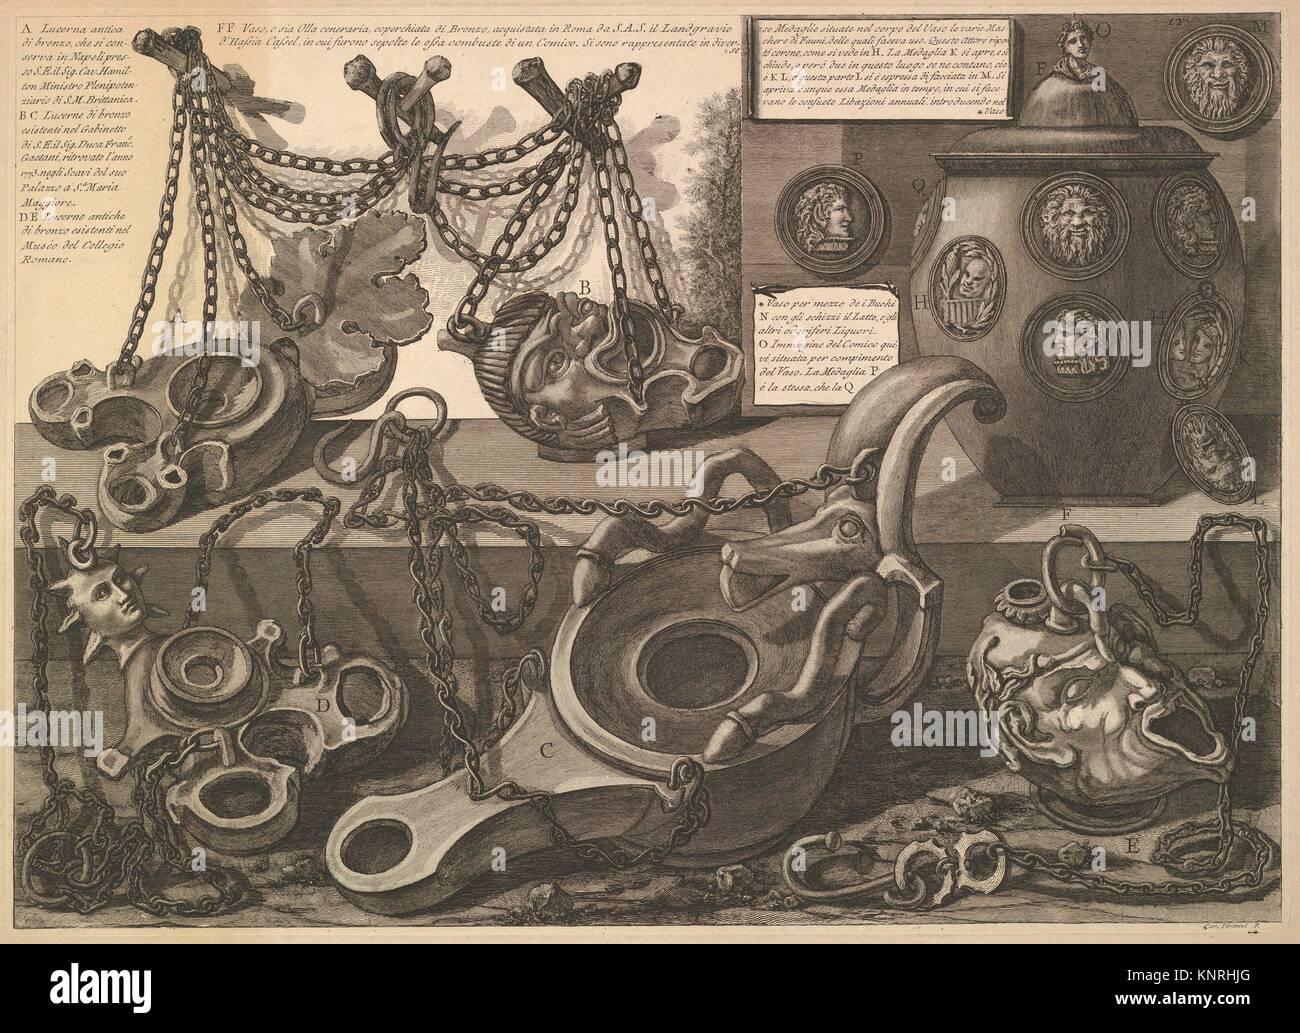 Varie lampade e un vaso encusted con cammei, da vasi, candelabri, cippi, sarcofagi, tripodi, Lucerna, ed ornamenti Immagini Stock